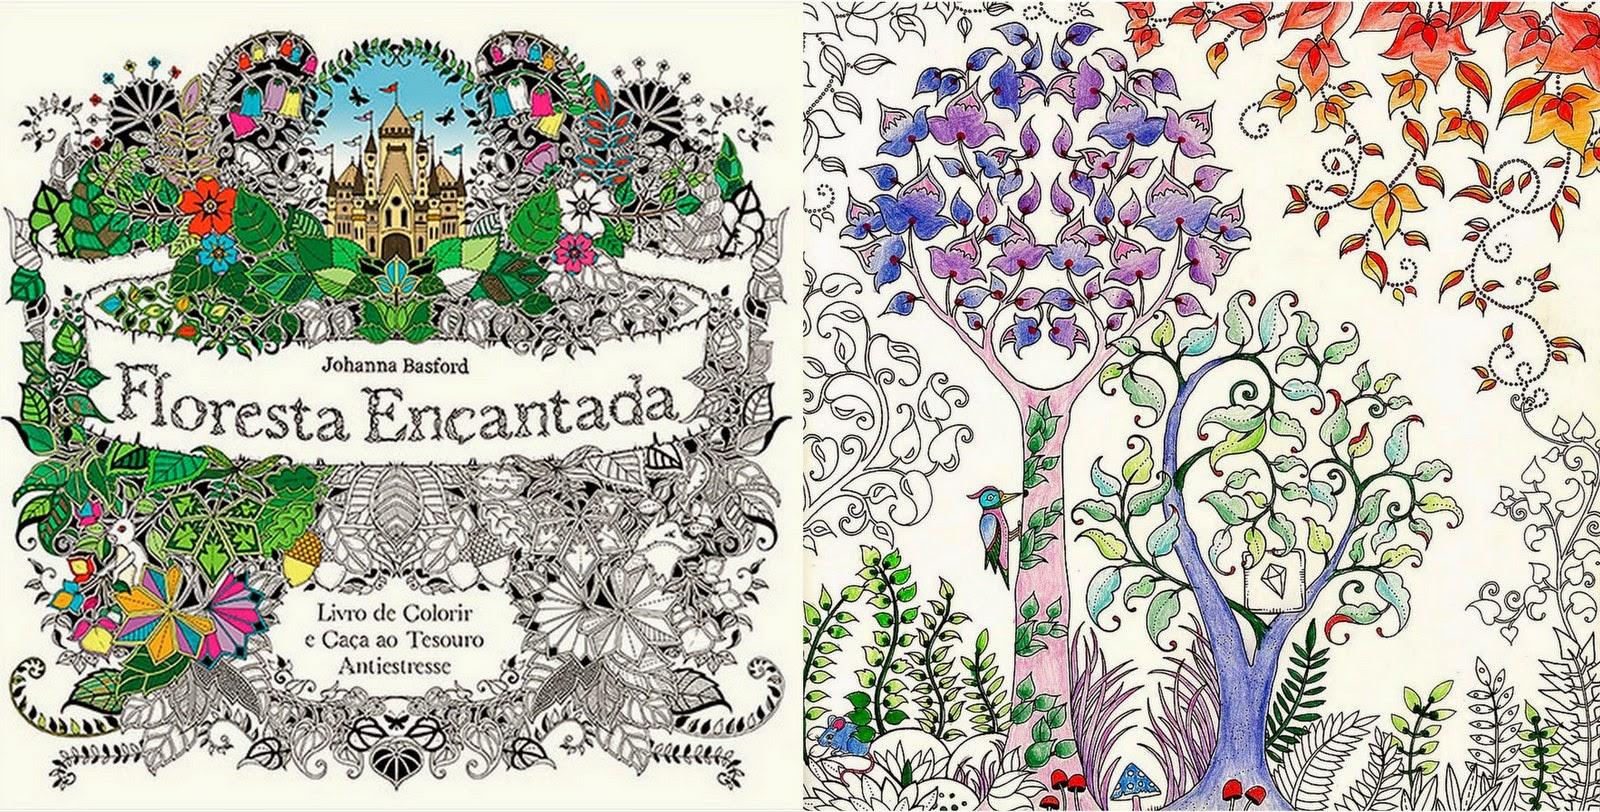 Livro Floresta Encantada Desenhos para colorir e imprimir  - imagens para colorir jardim encantado